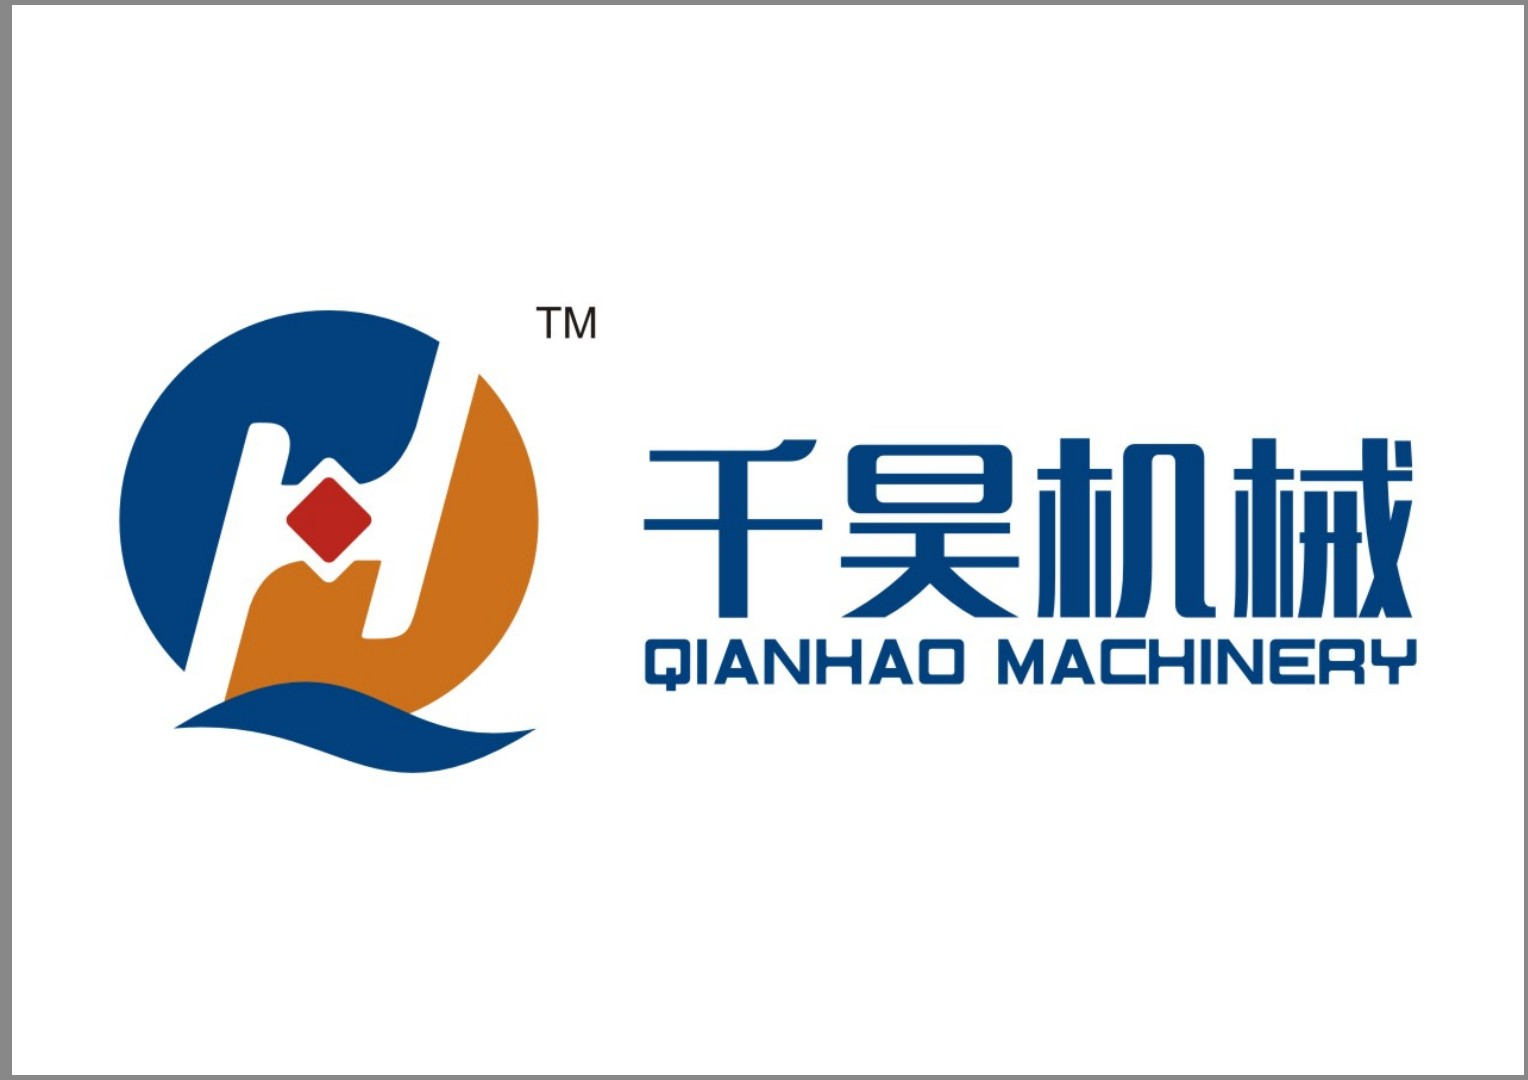 溫州市千昊機械科技有限公司